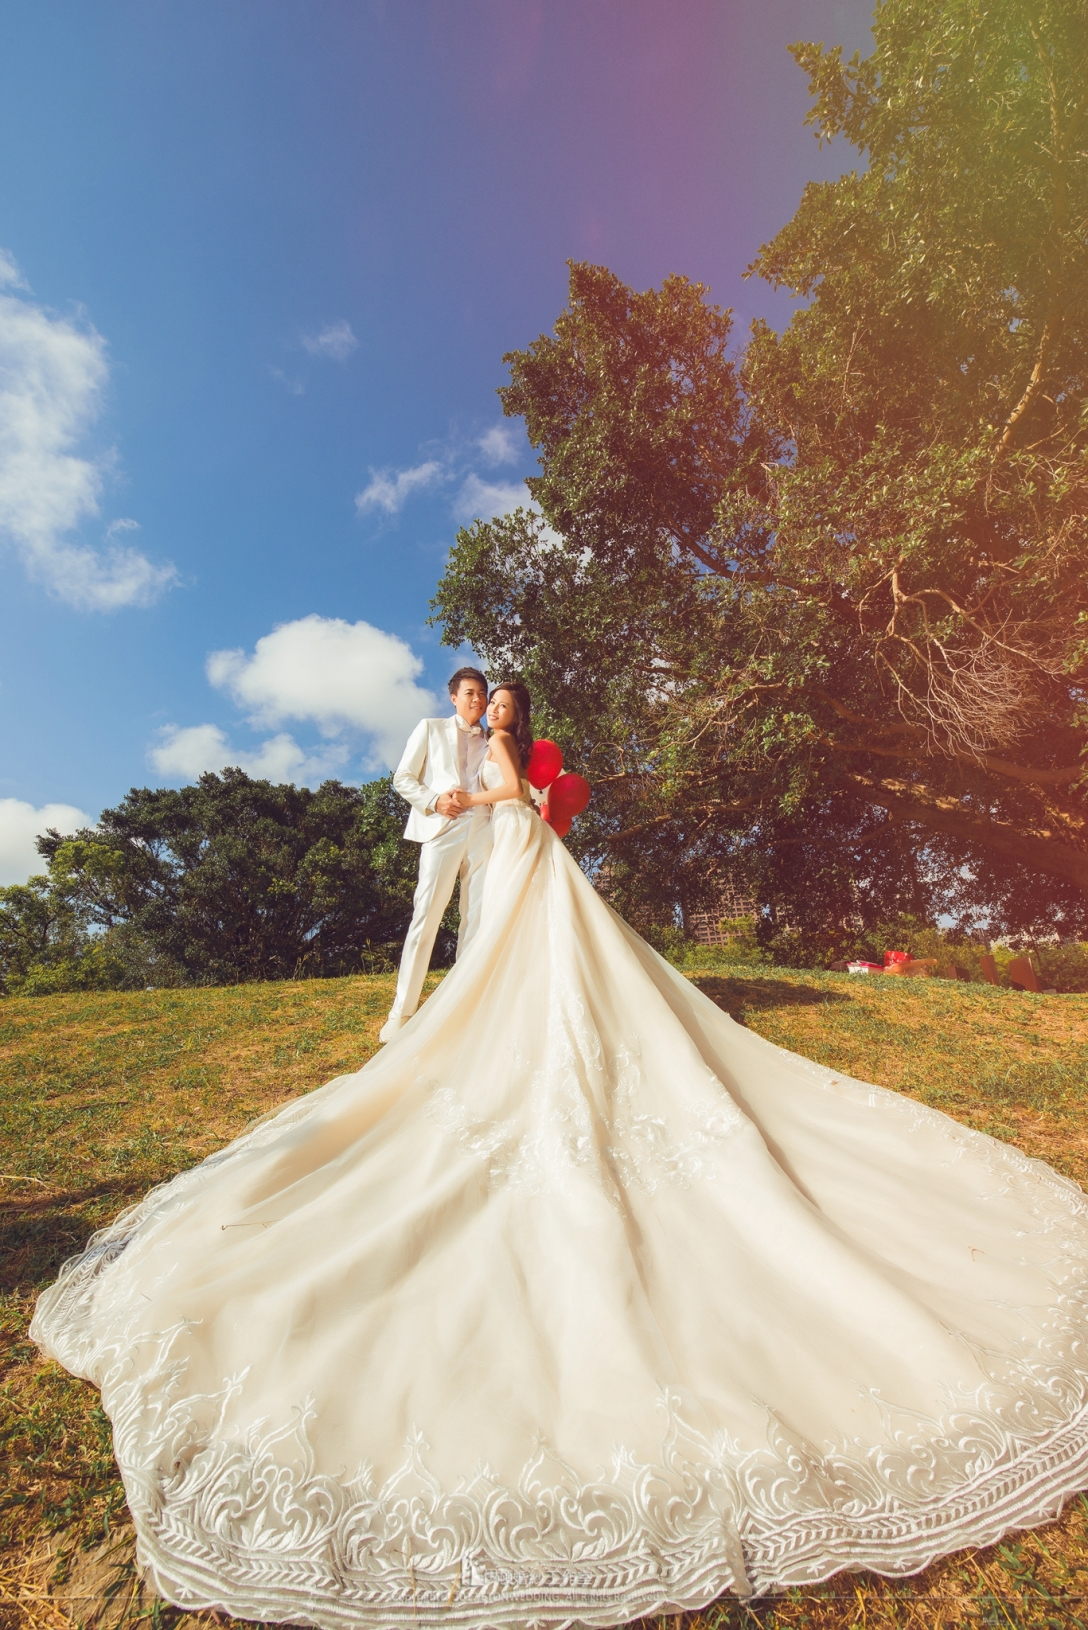 婚紗攝影,婚紗攝影價格,婚紗攝影推薦,婚紗攝影ptt,婚紗攝影作品,婚紗照風格,婚紗攝影技巧,婚紗攝影工作室